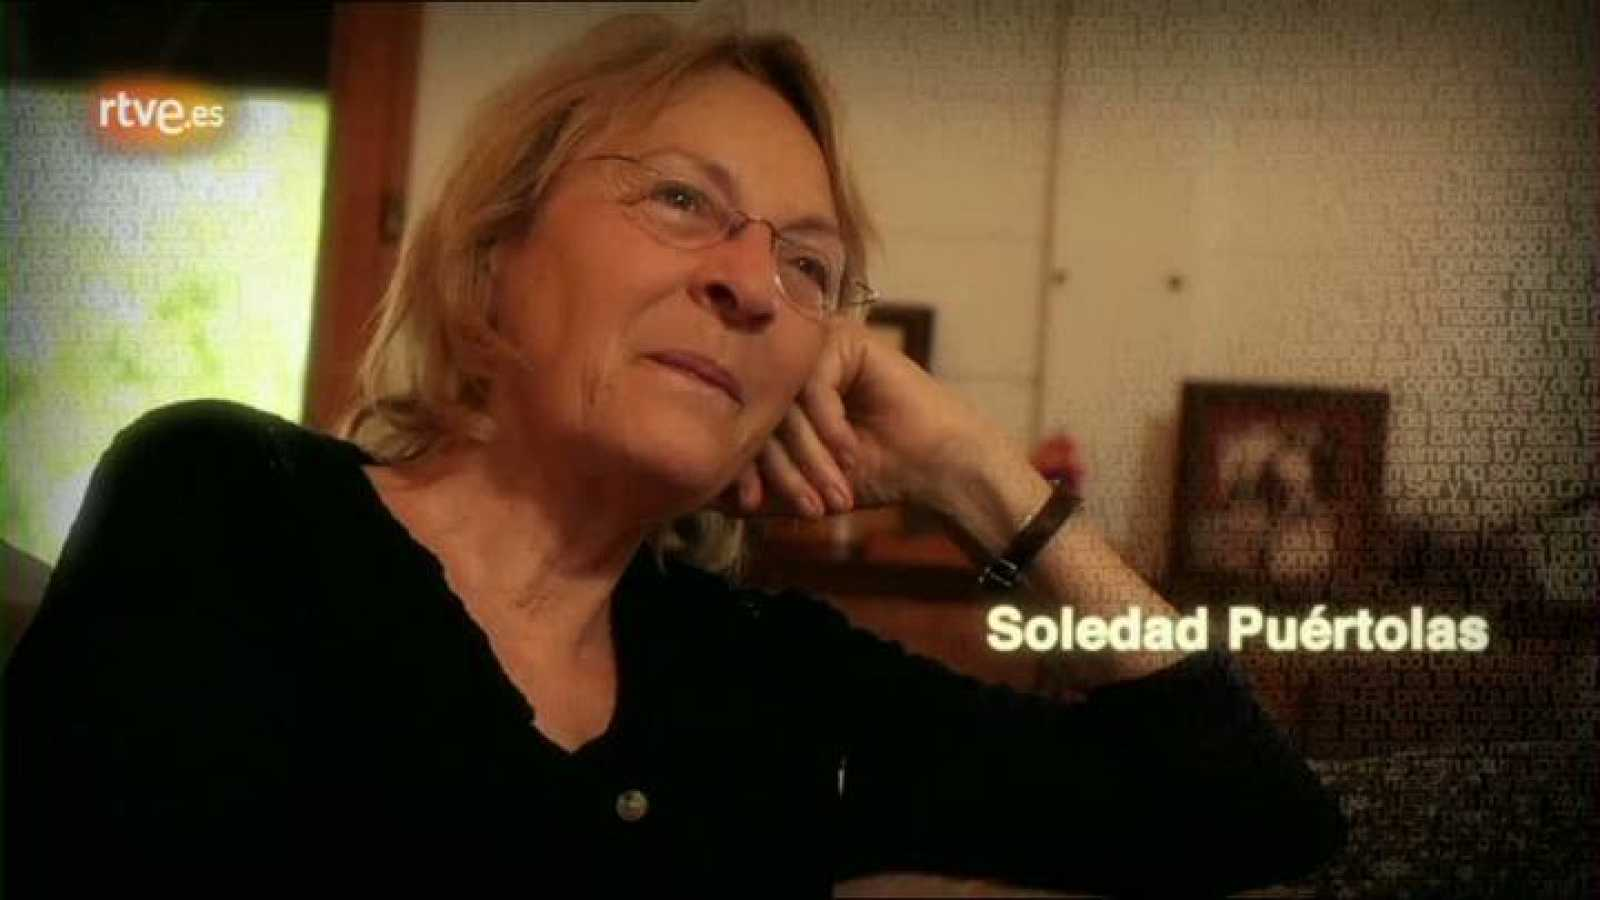 Pienso luego existo - Soledad Puertolas - presentación